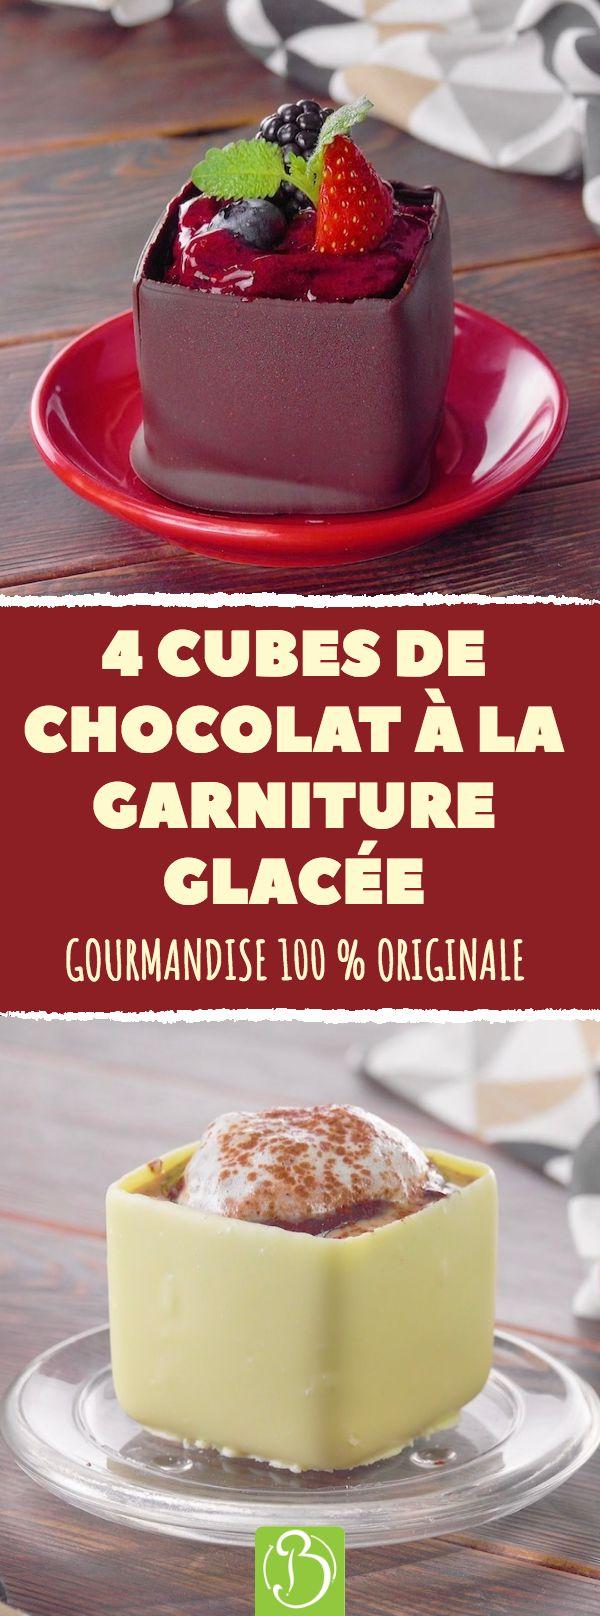 4 cubos de chocolate com recheio gelado. Gourmandise 100% original! #do…